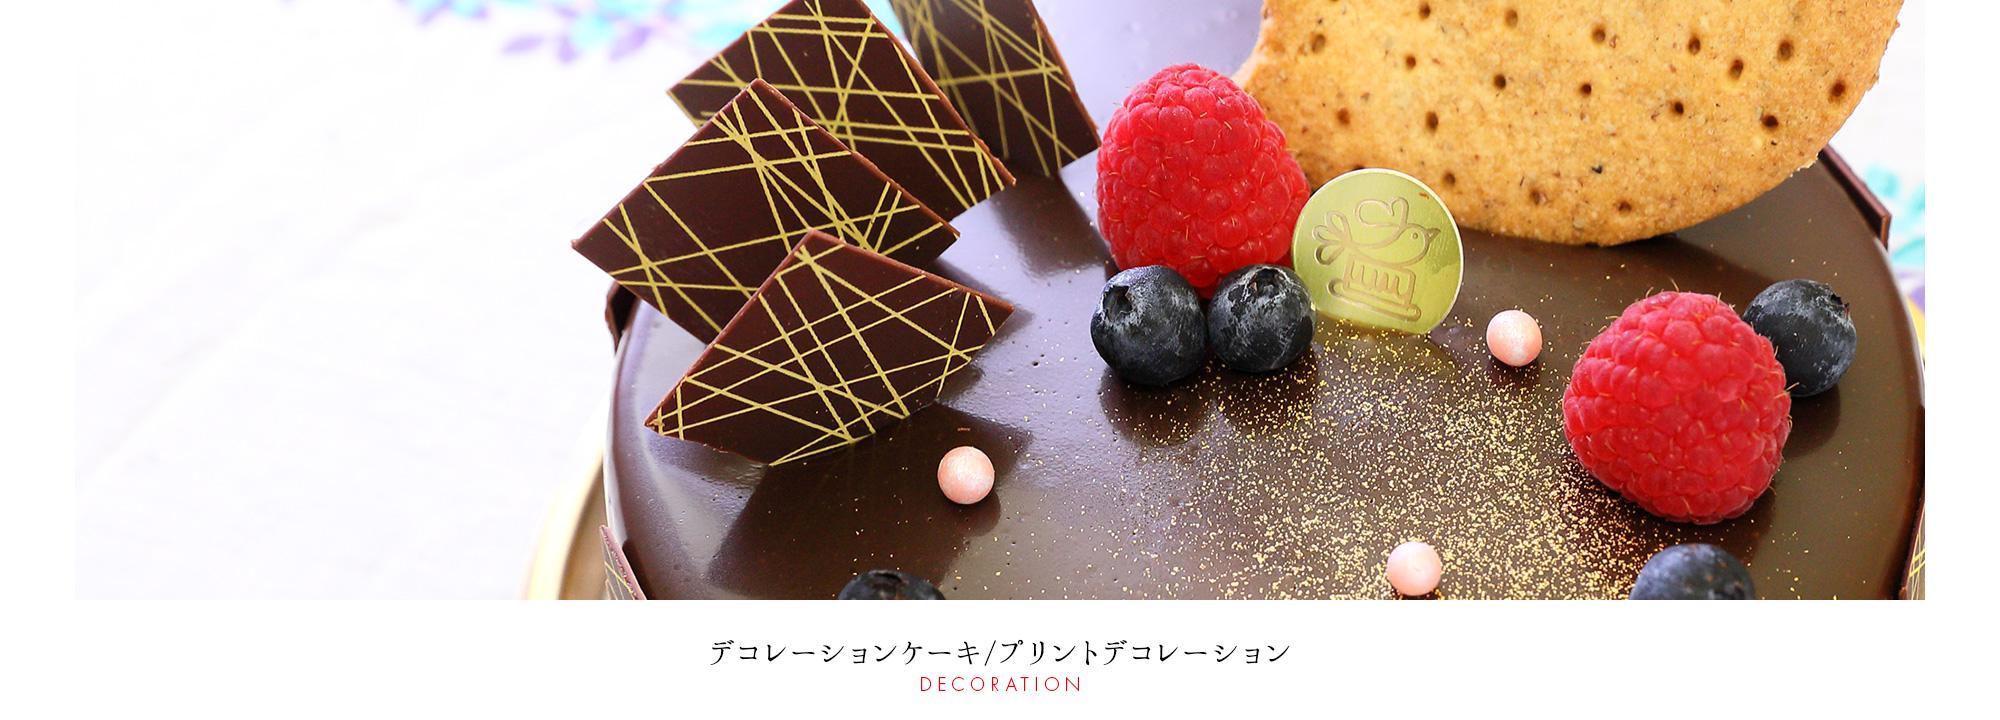 デコレーションケーキ/プリントデコレーション